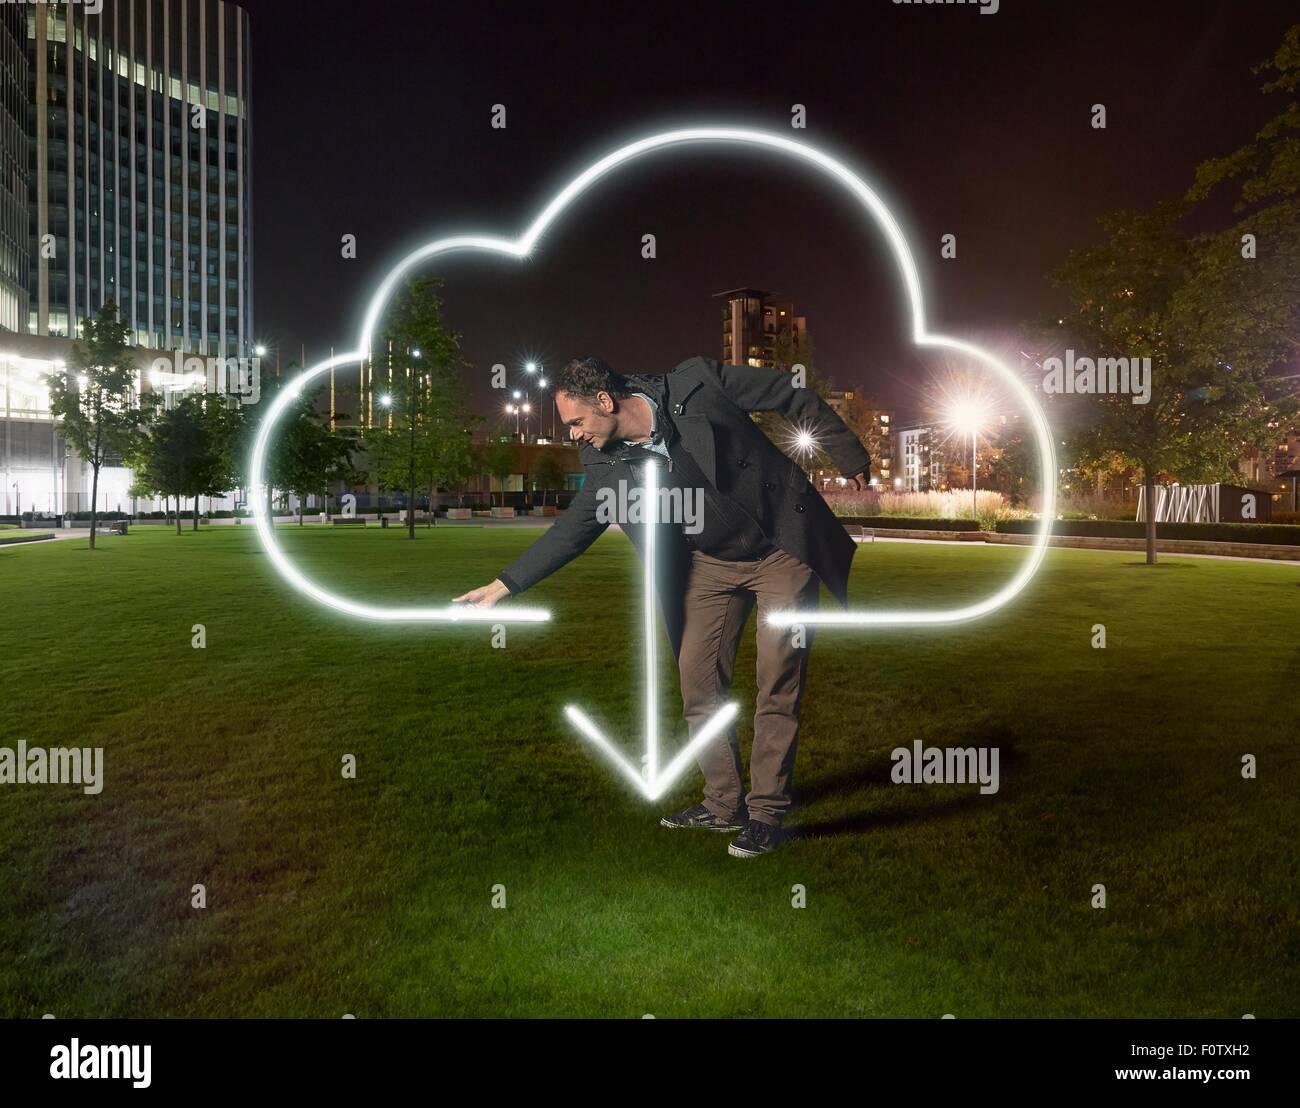 Artista pittura download cloud simbolo fuori ufficio edificio di notte Immagini Stock